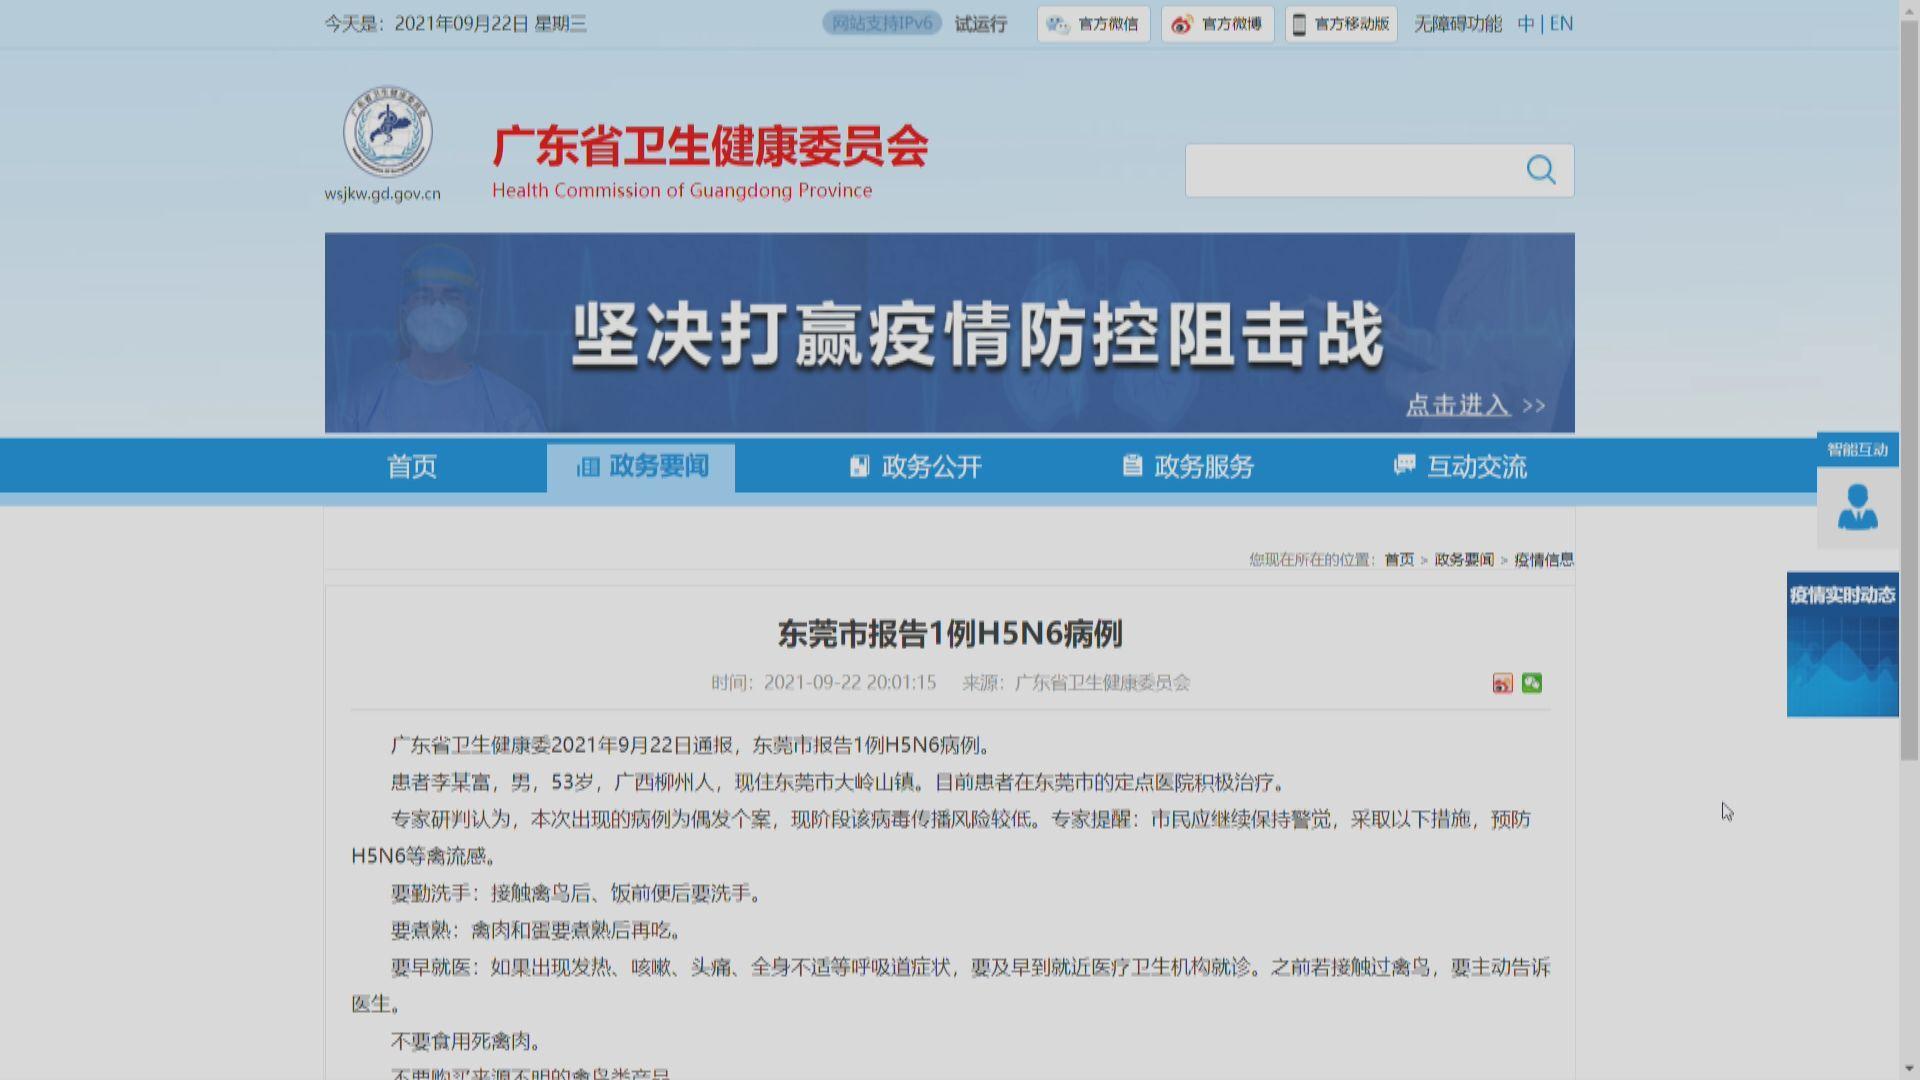 東莞增一宗H5N6禽流感 專家:偶發個案 傳播風險較低